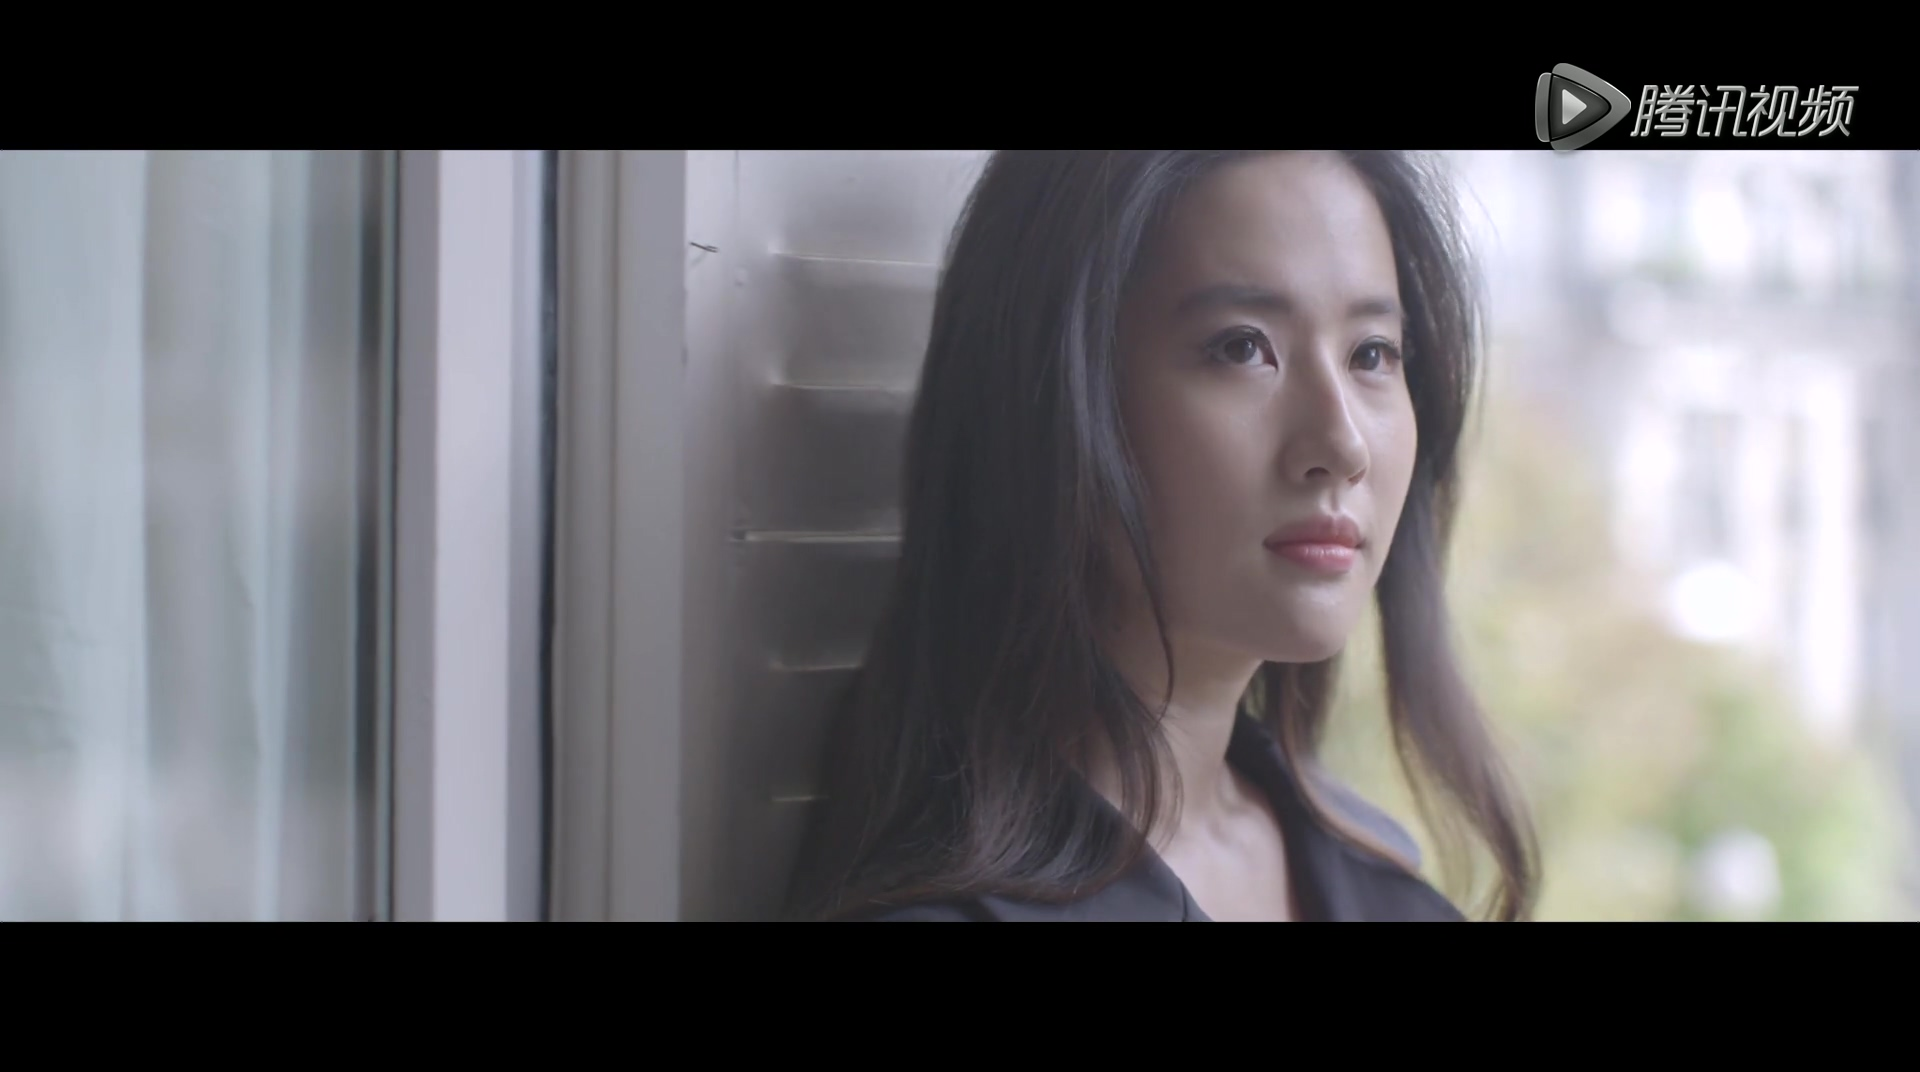 探索Dior迪奥花蜜系列《面对面》(2015.10.17)